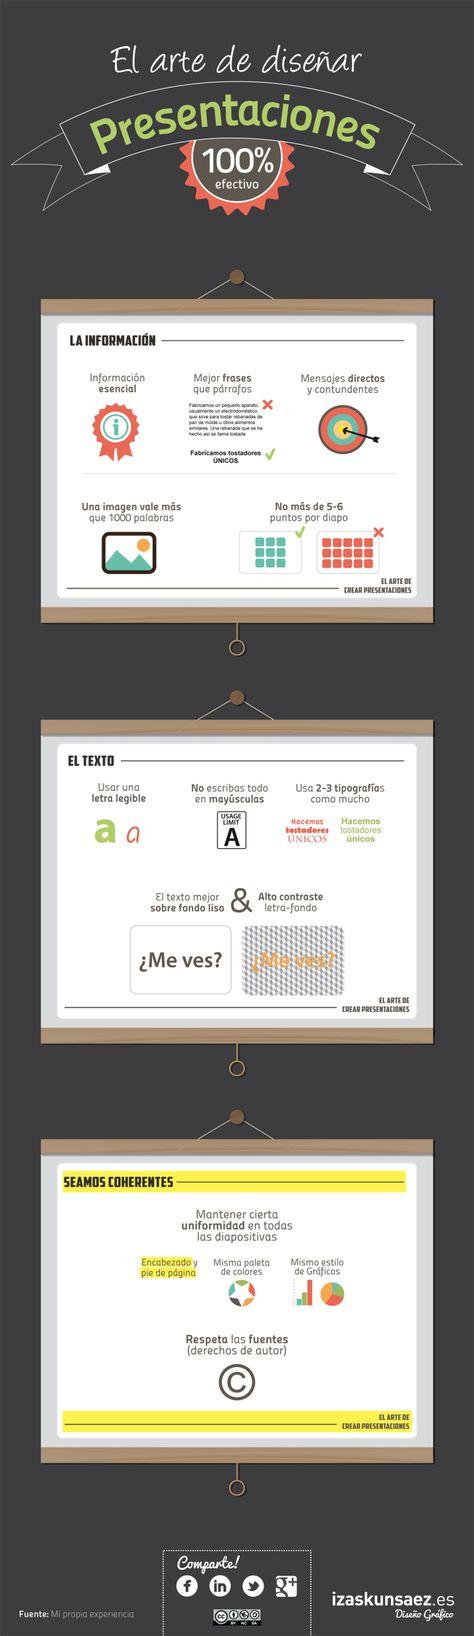 Esta infografía me resulta muy útil para usarla con mis alumnos cuando quiero explicarles cómo realizar una presentación para clase.